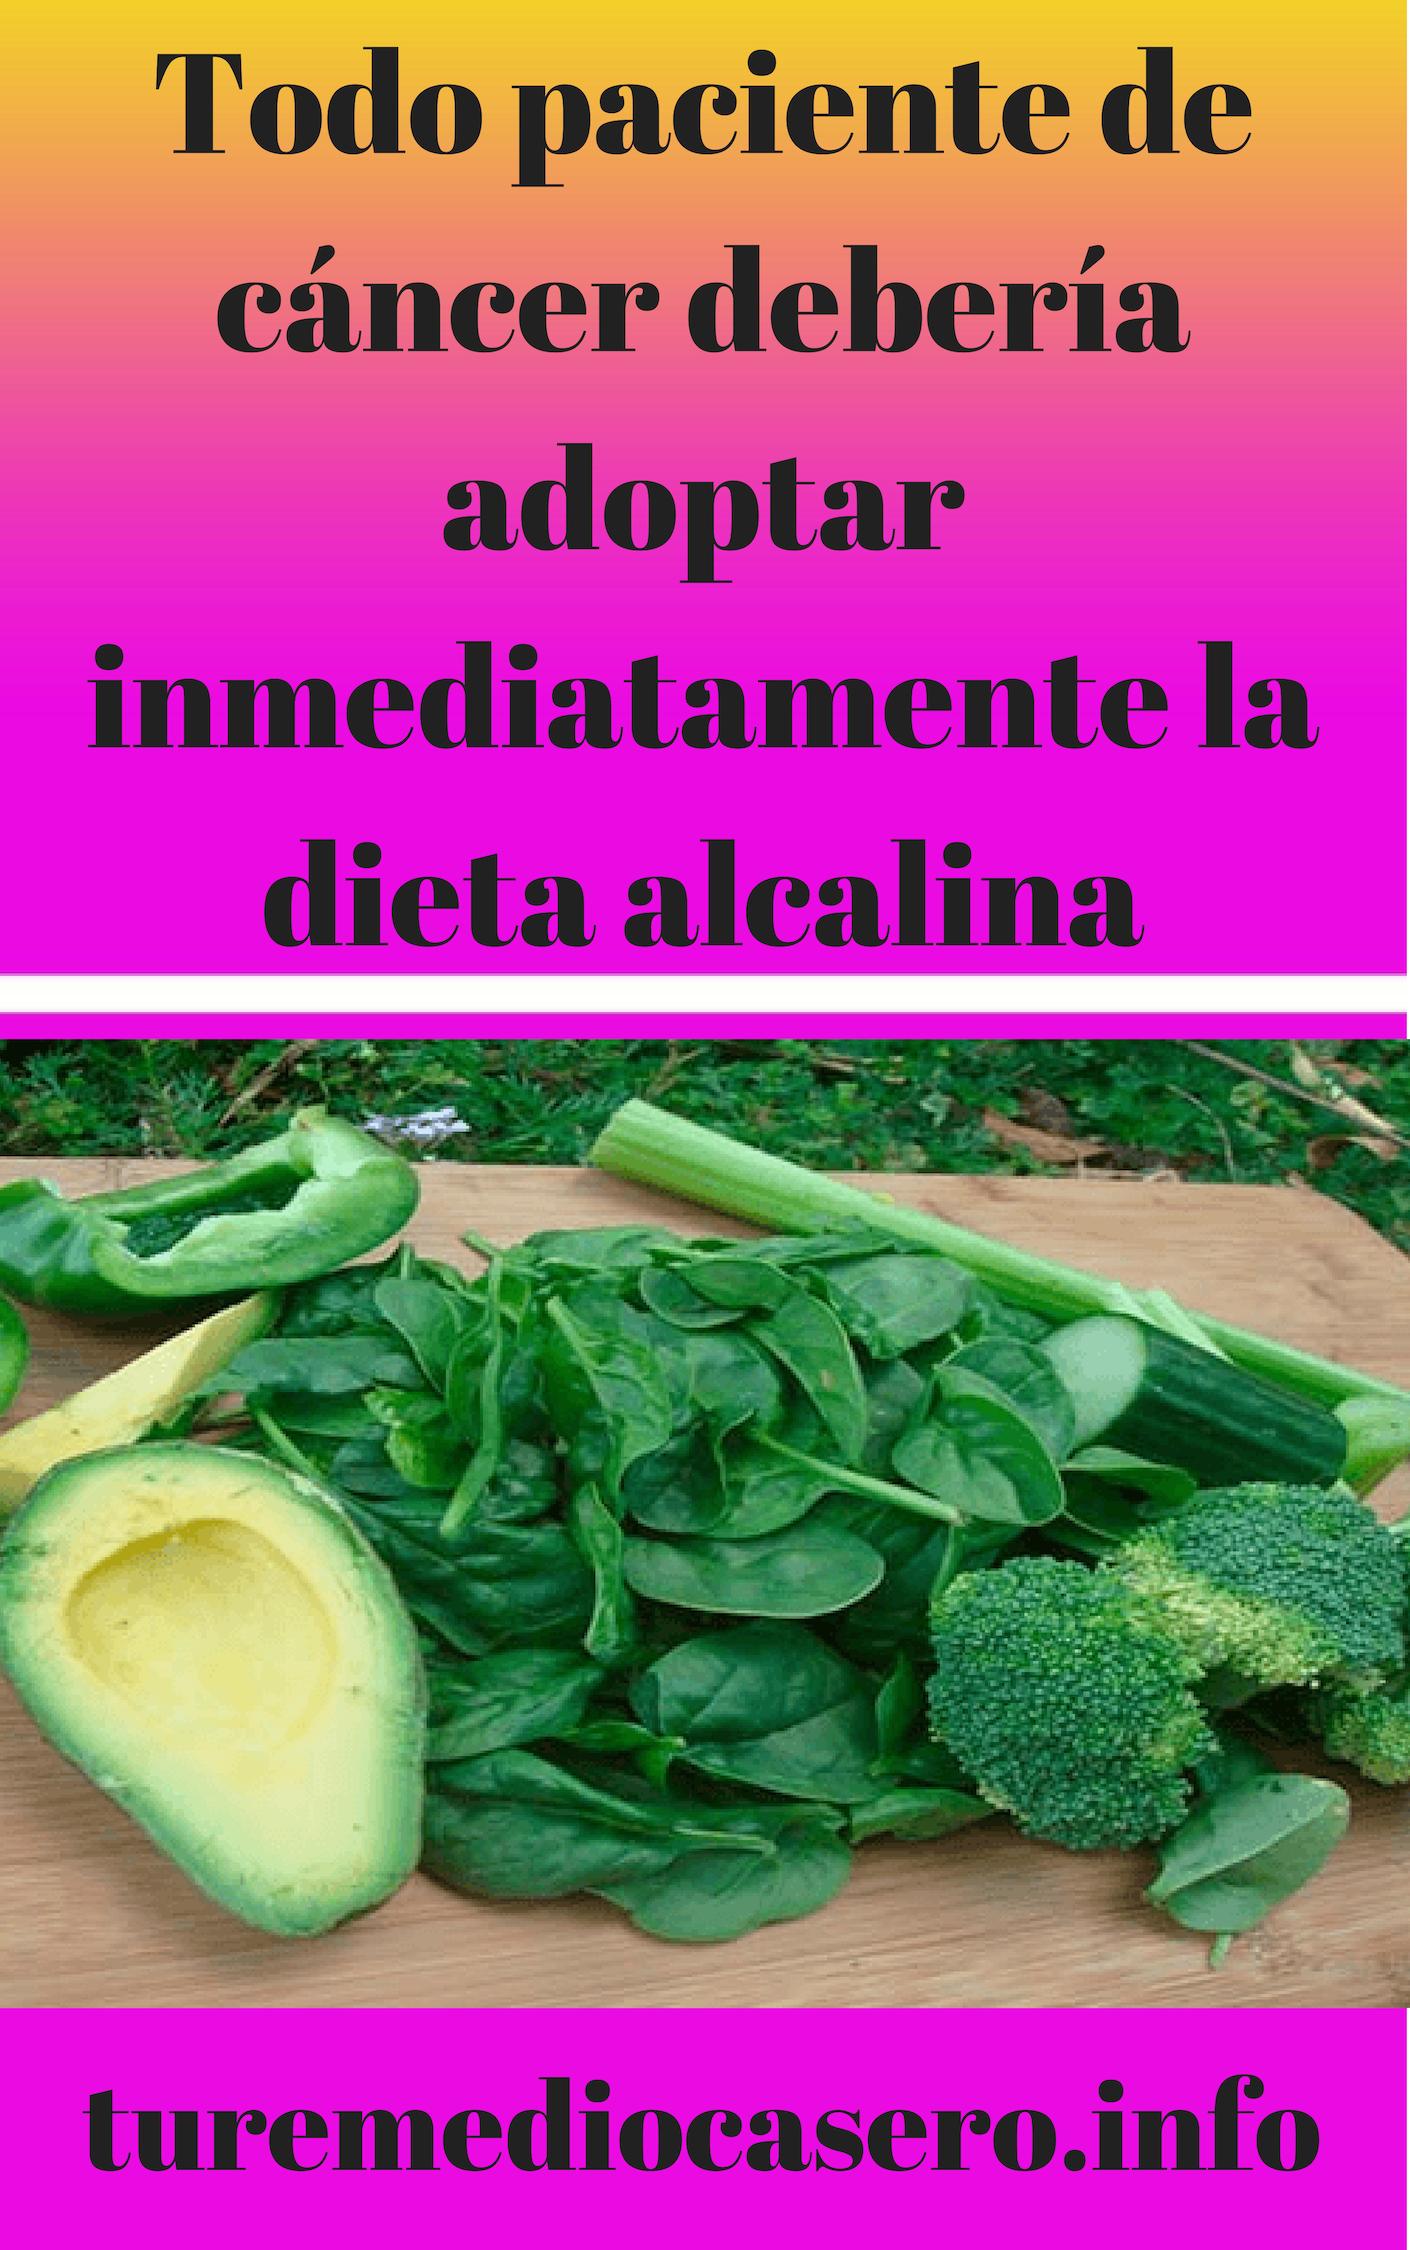 Dieta alcalina cancer colon